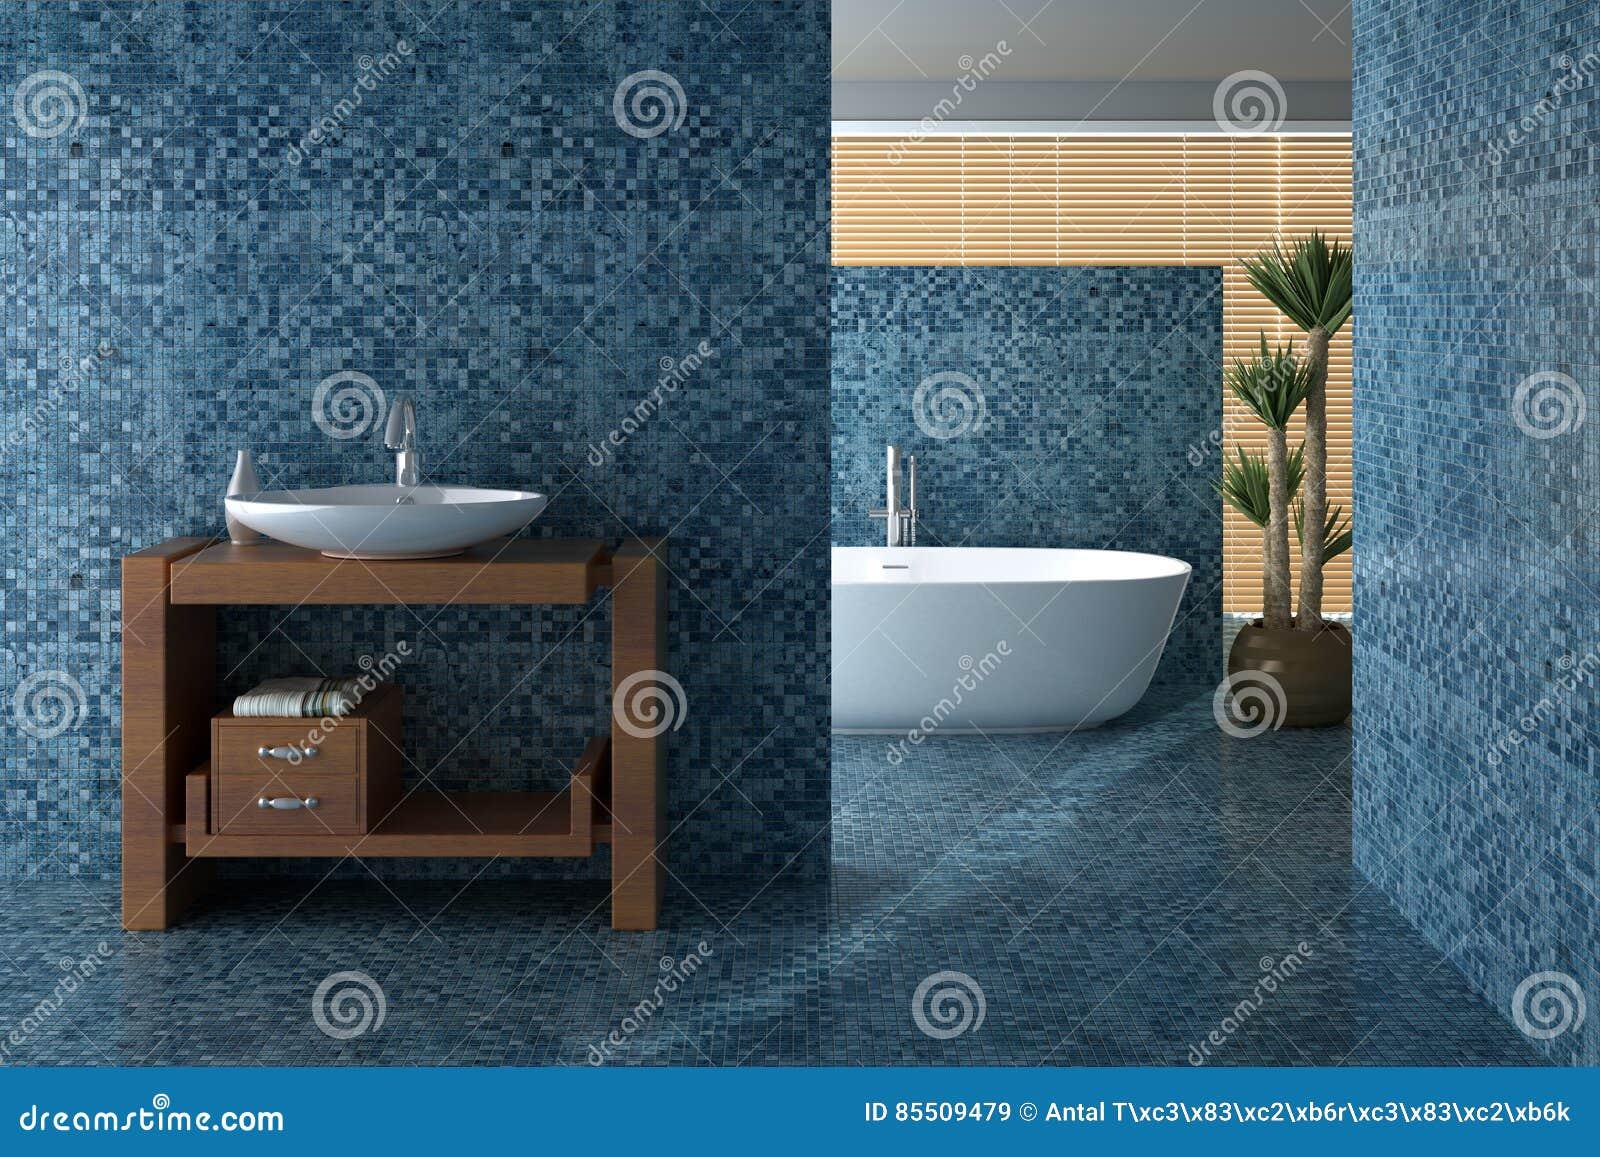 Blaues Badezimmer Einschließlich Bad Und Wanne Stock ...